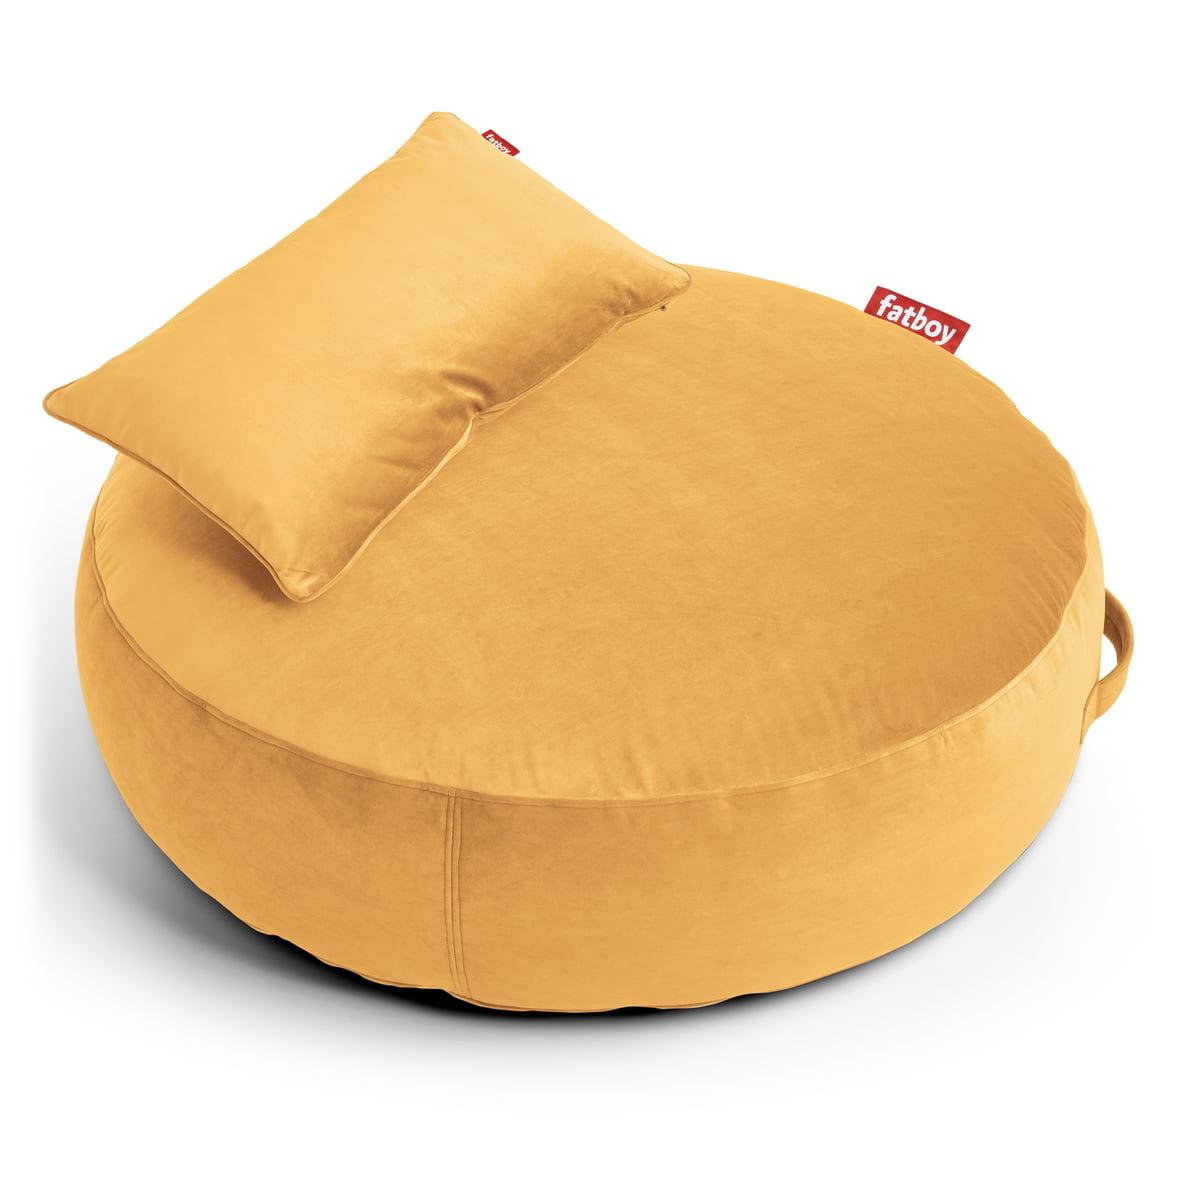 Fatboy - Pupillow Velvet Sitzsack, maisgelb | Wohnzimmer > Sessel > Sitzsaecke | Gelb | Fatboy